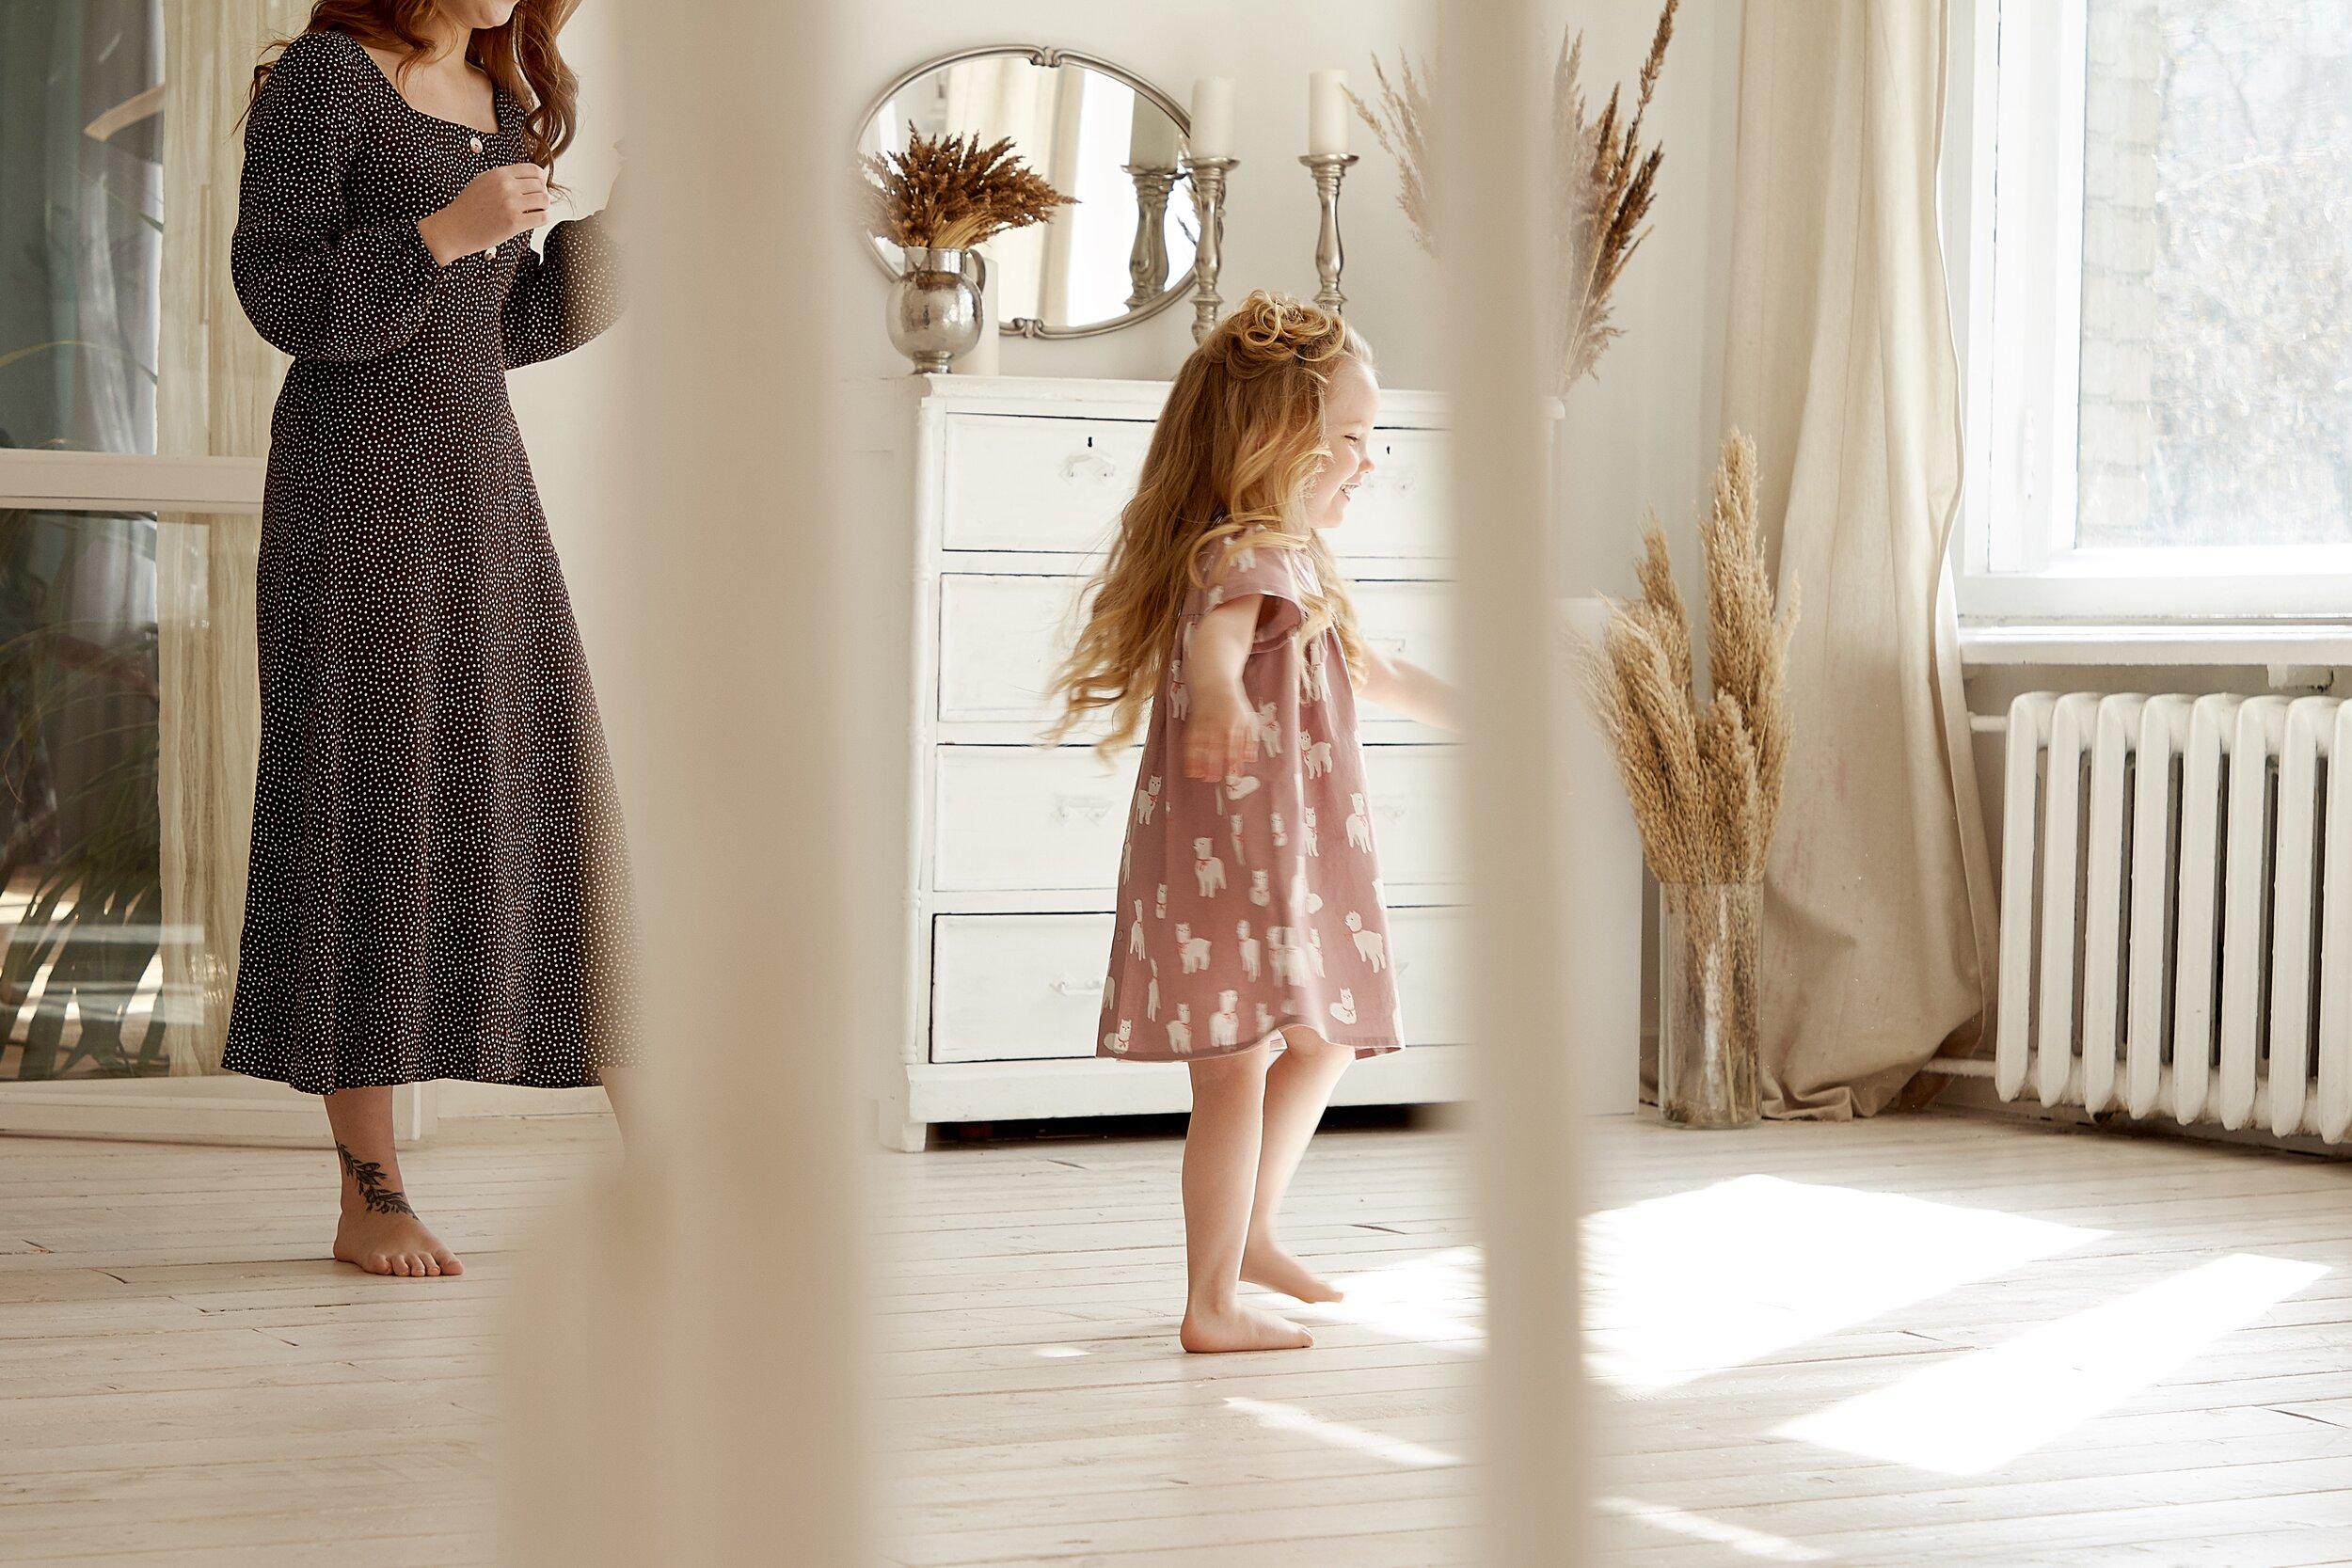 adult-beauty-curtain-2310609.jpg